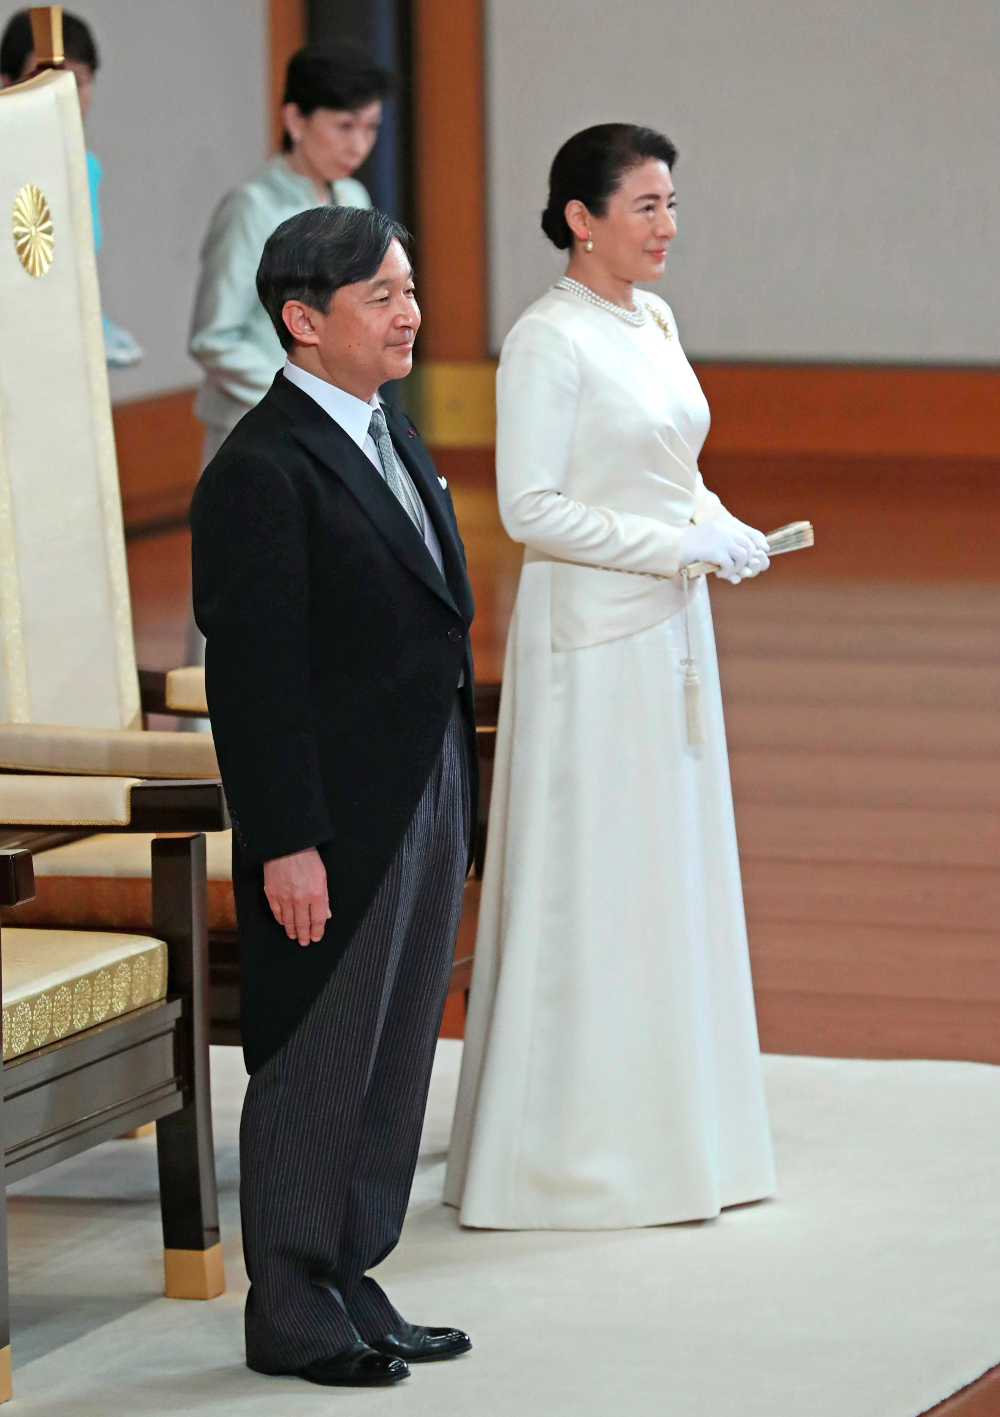 Η Μασάκο, ήταν στο πλάι του συζύγου της κατά την στέψη του ως νέος αυτοκράτορας της Ιαπωνίας